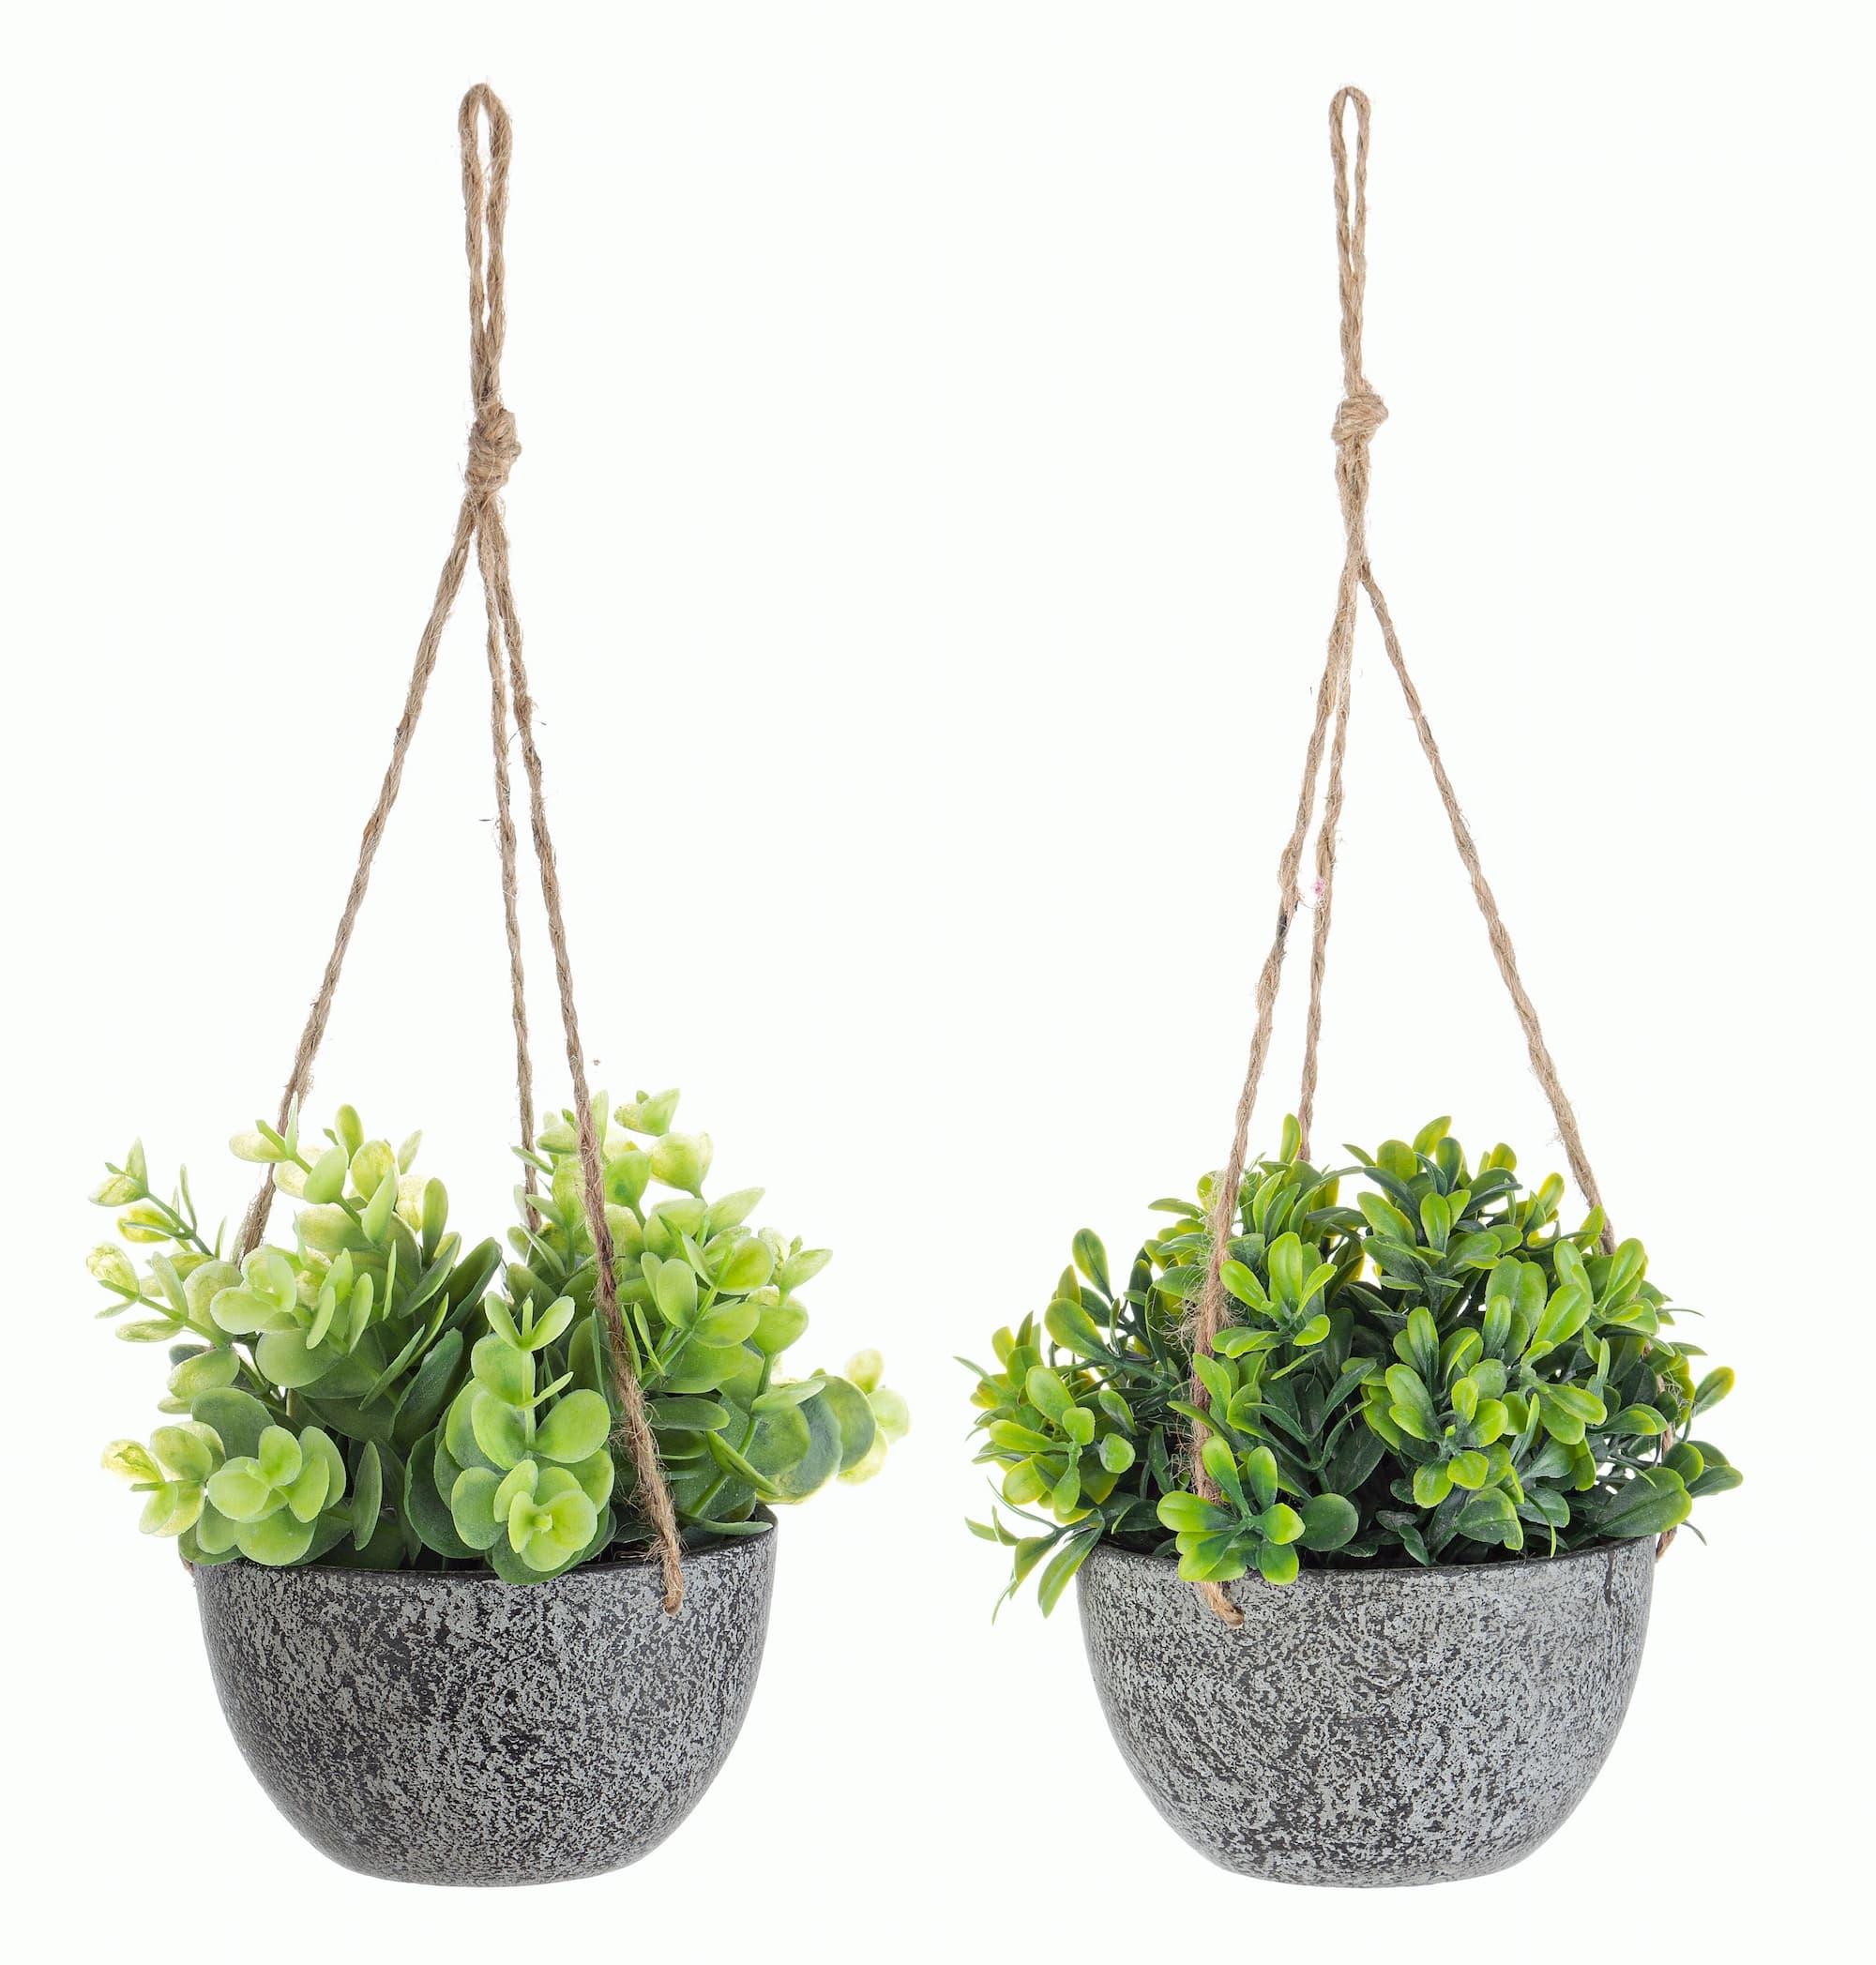 Poza Planta artificiala in ghiveci suspendabil Pumila Verde / Gri, Modele Asortate, Ø10,5xH13 cm